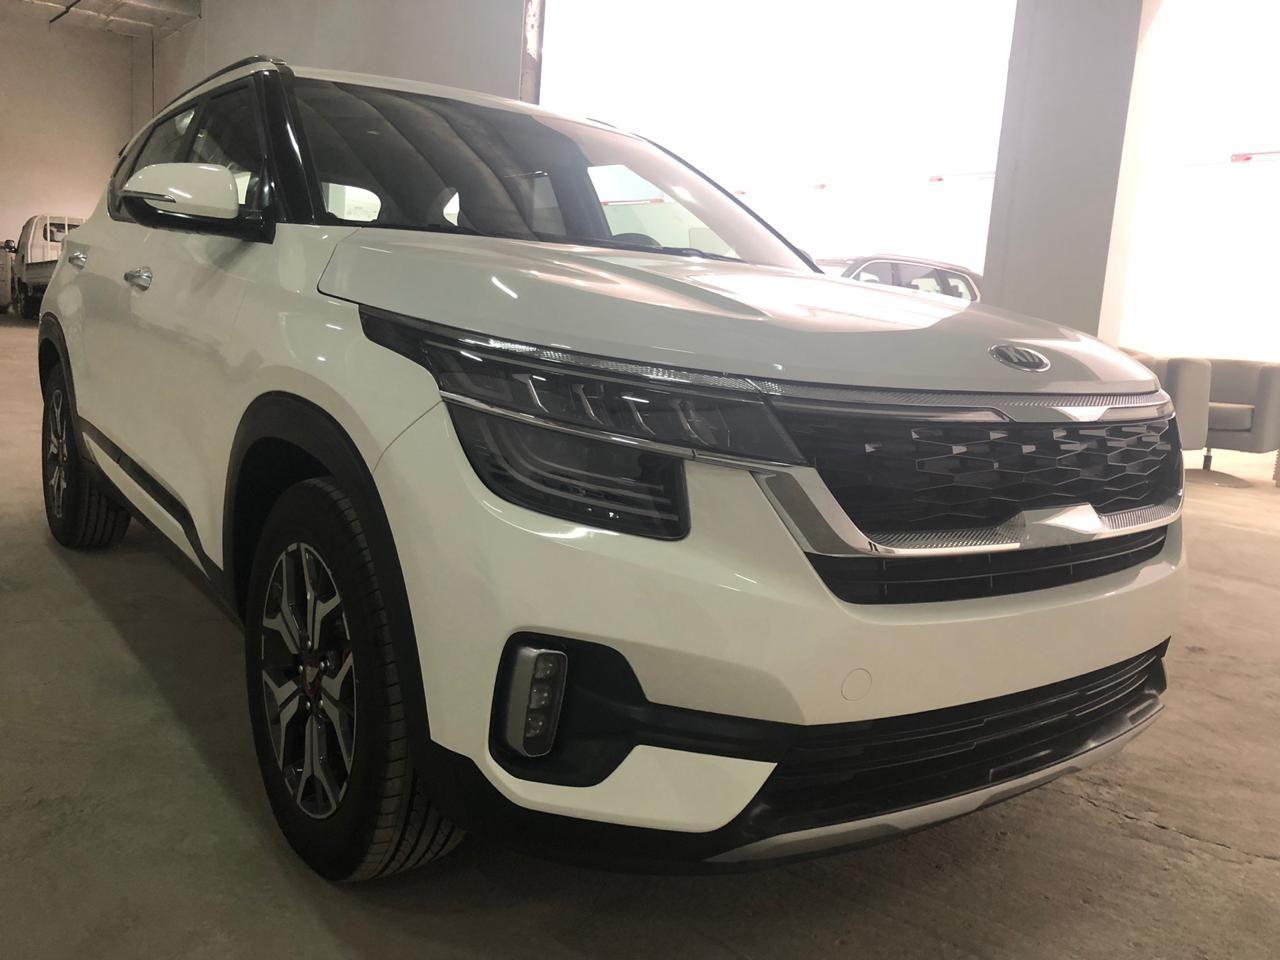 وصول كيا سيلتوس 2020 الجديدة للسعودية صور ومواصفات Suv Vehicles New View